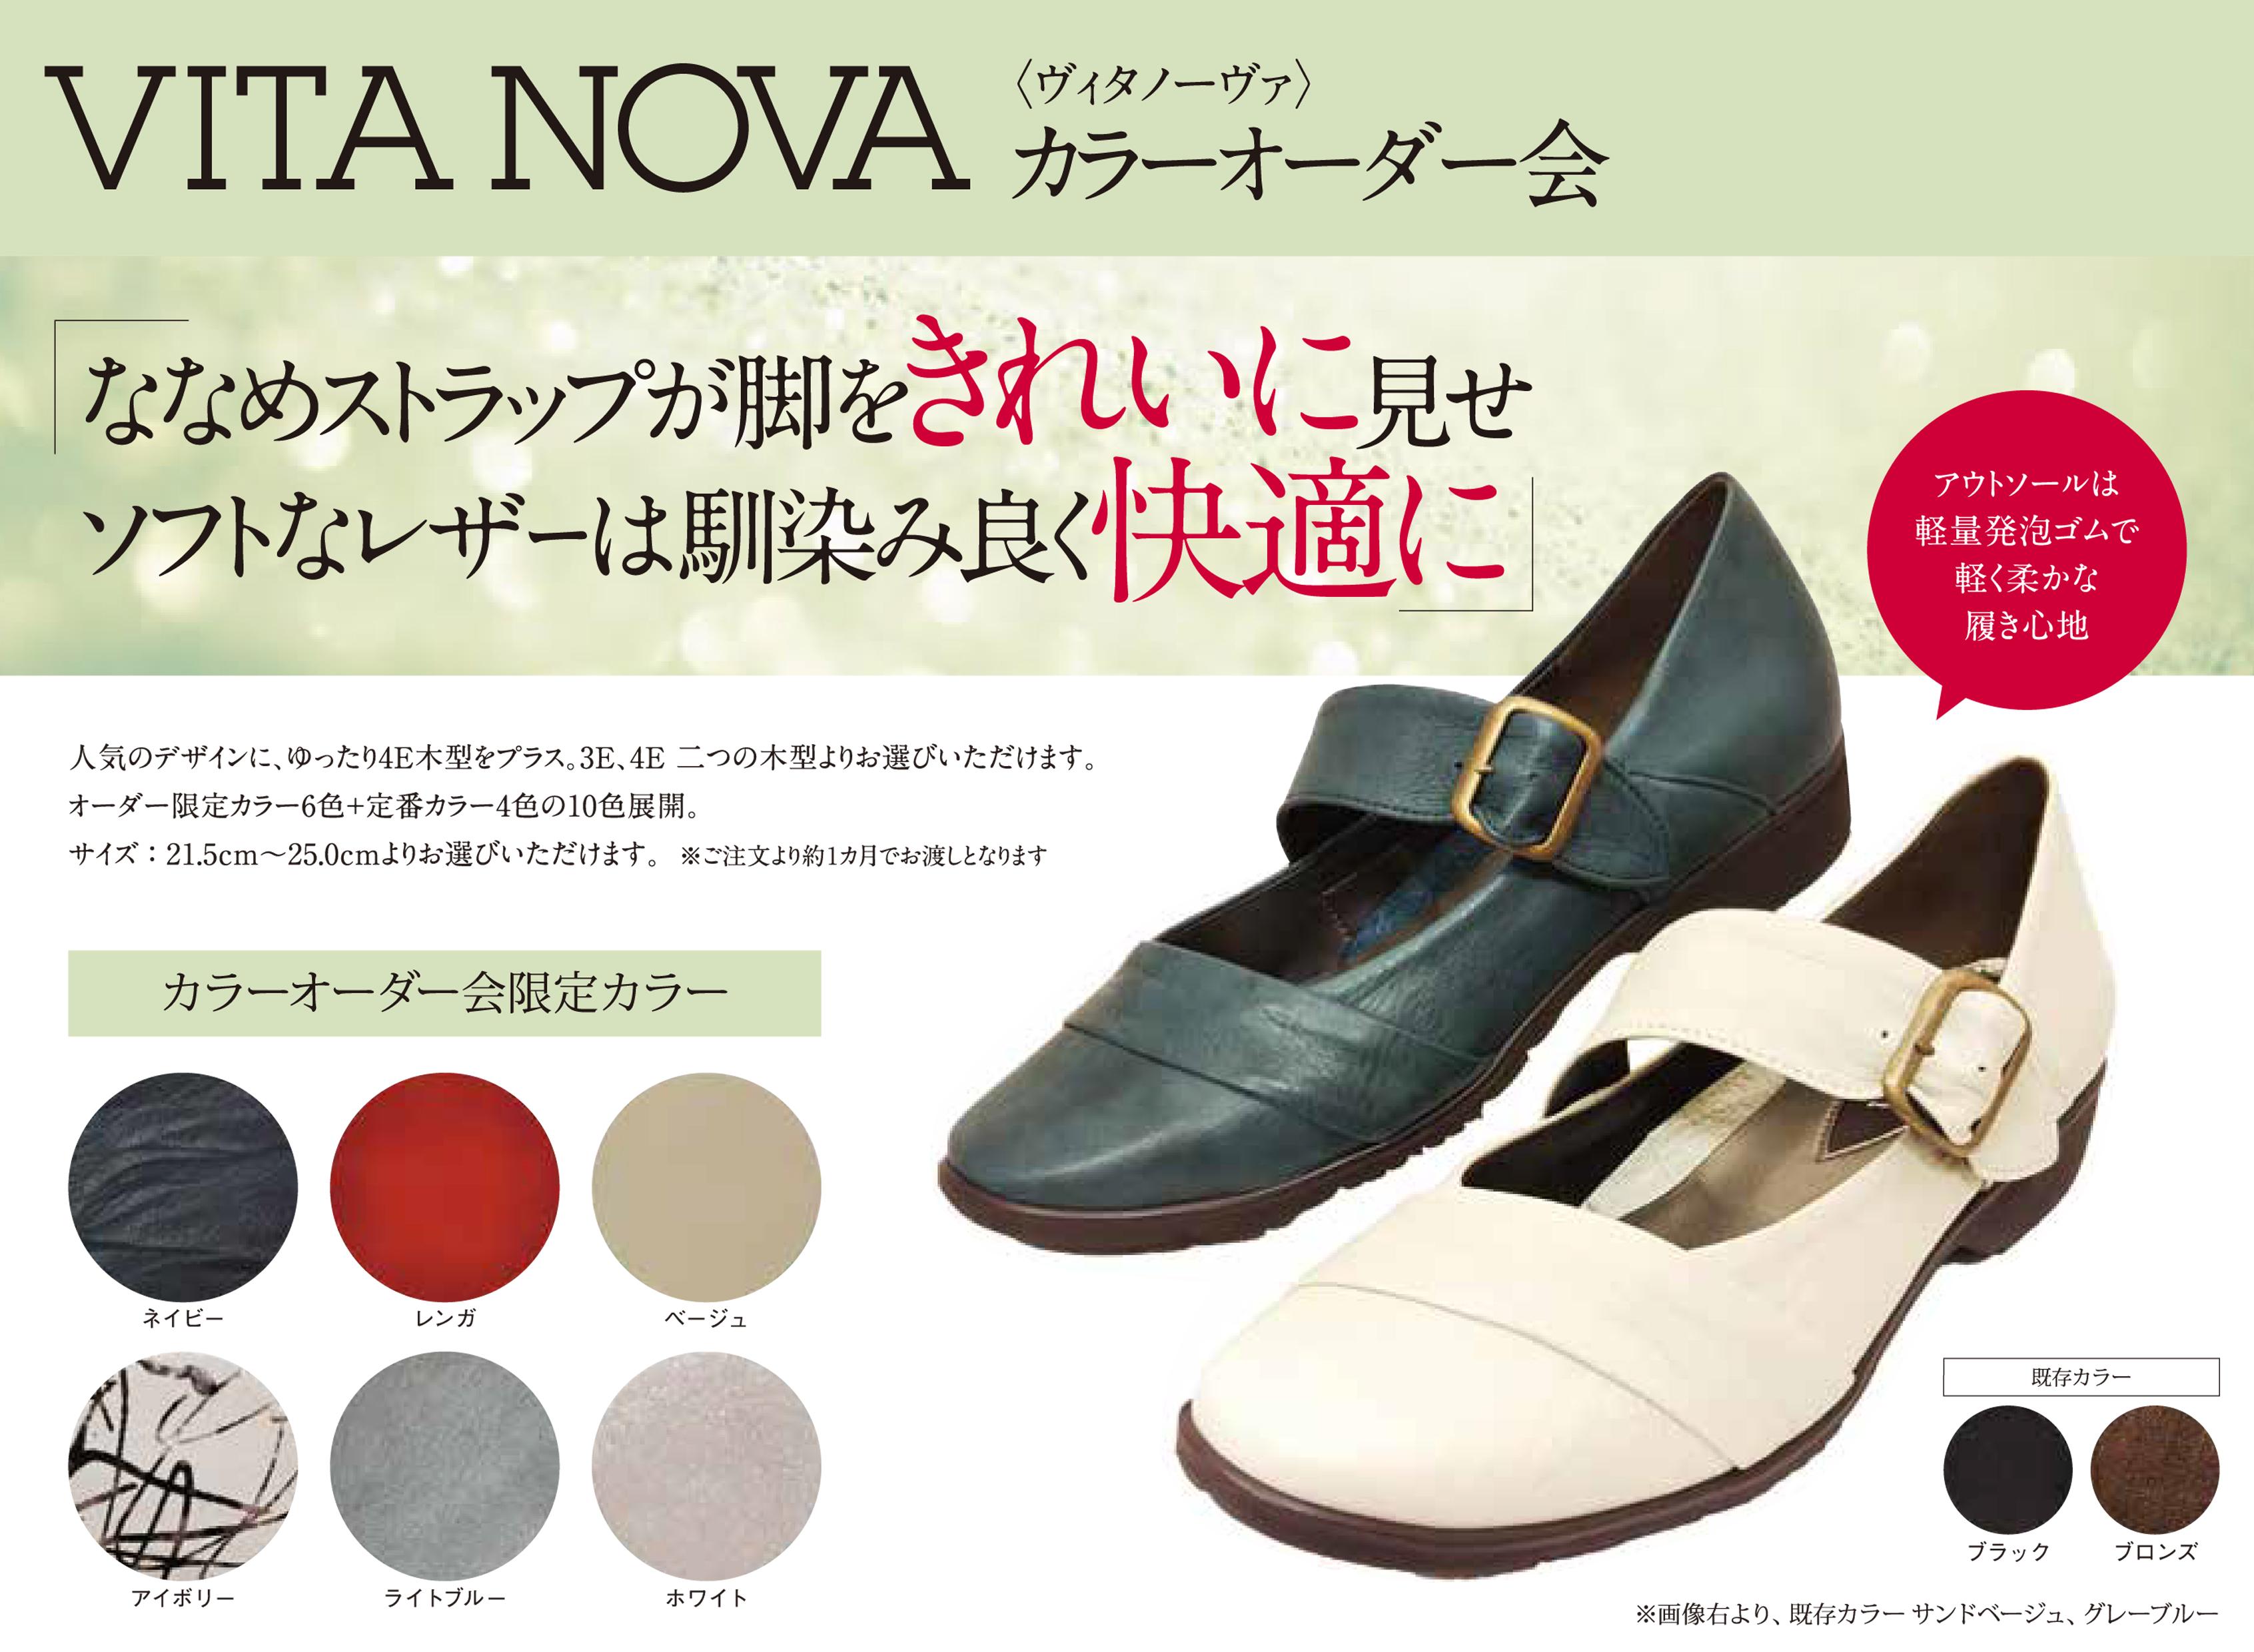 〈バークレー〉〈VITA NOVA〉カラーオーダー会